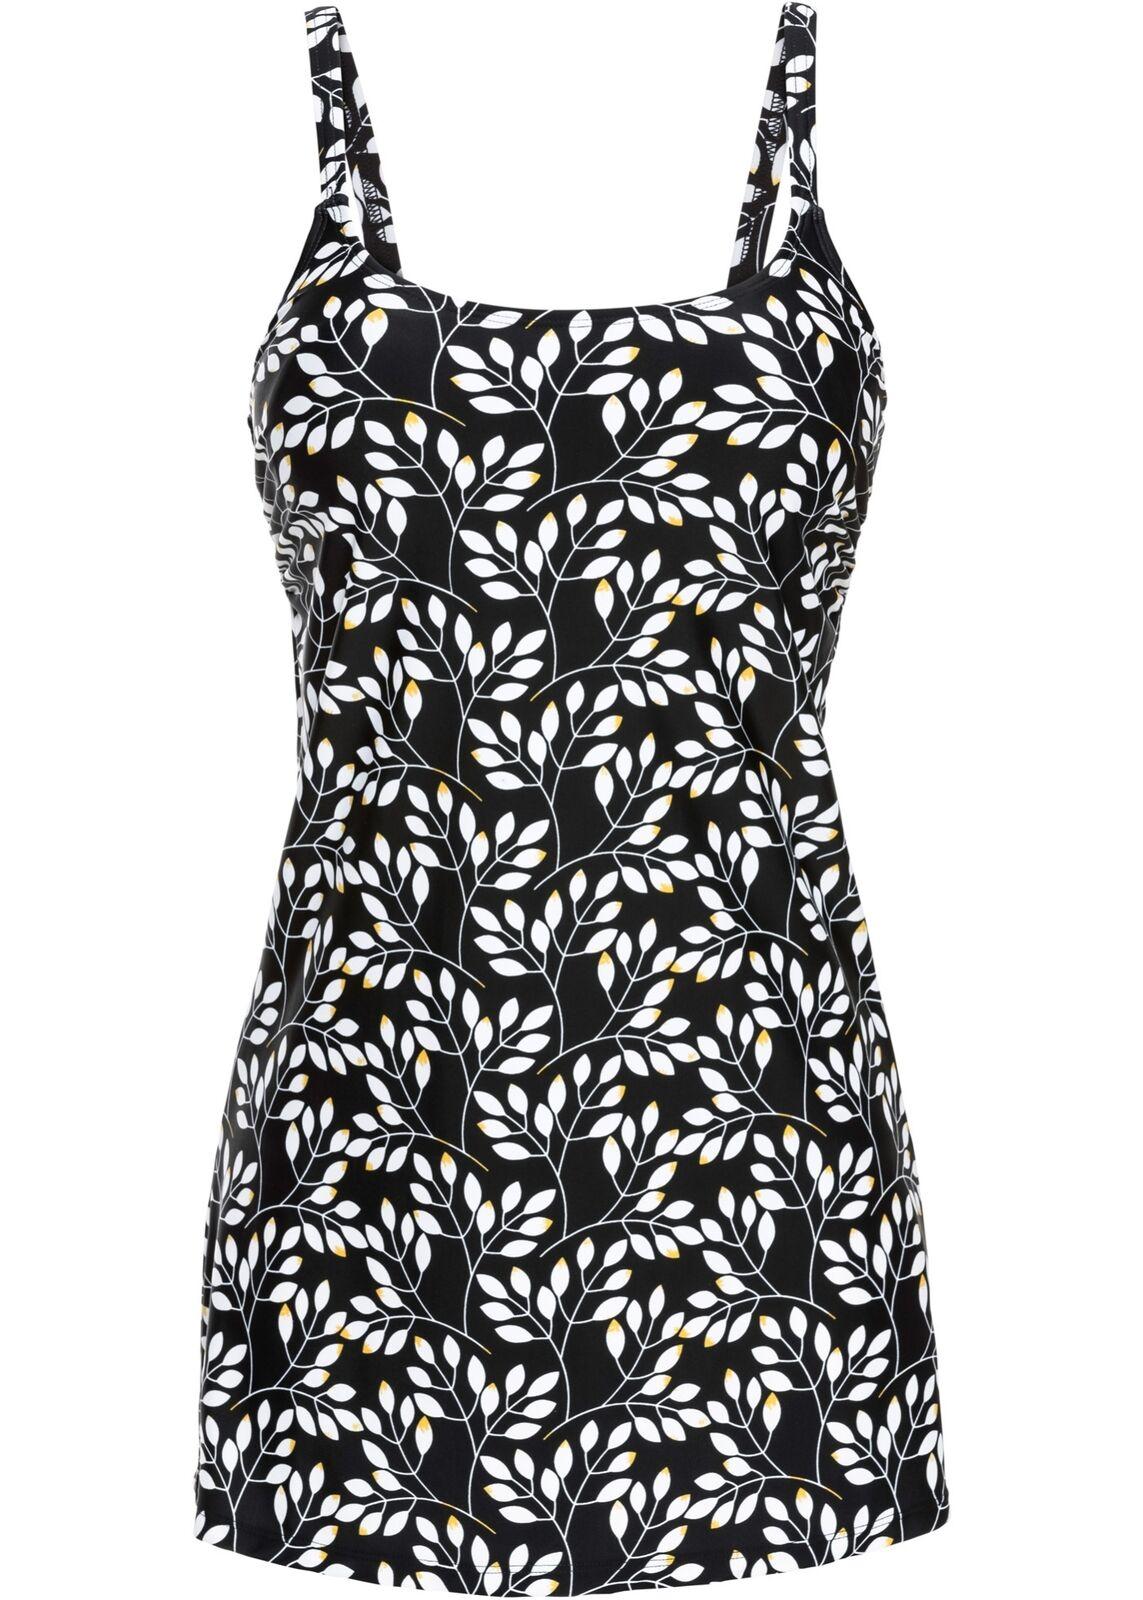 Badeanzugkleid Gr. 38 Schwarz Weiß Badeanzug Schwimmanzug Damen Bade-Kleid Neu | Zu einem erschwinglichen Preis  | Marke  | Zuverlässiger Ruf  | Abgabepreis  | Ausgezeichnete Leistung